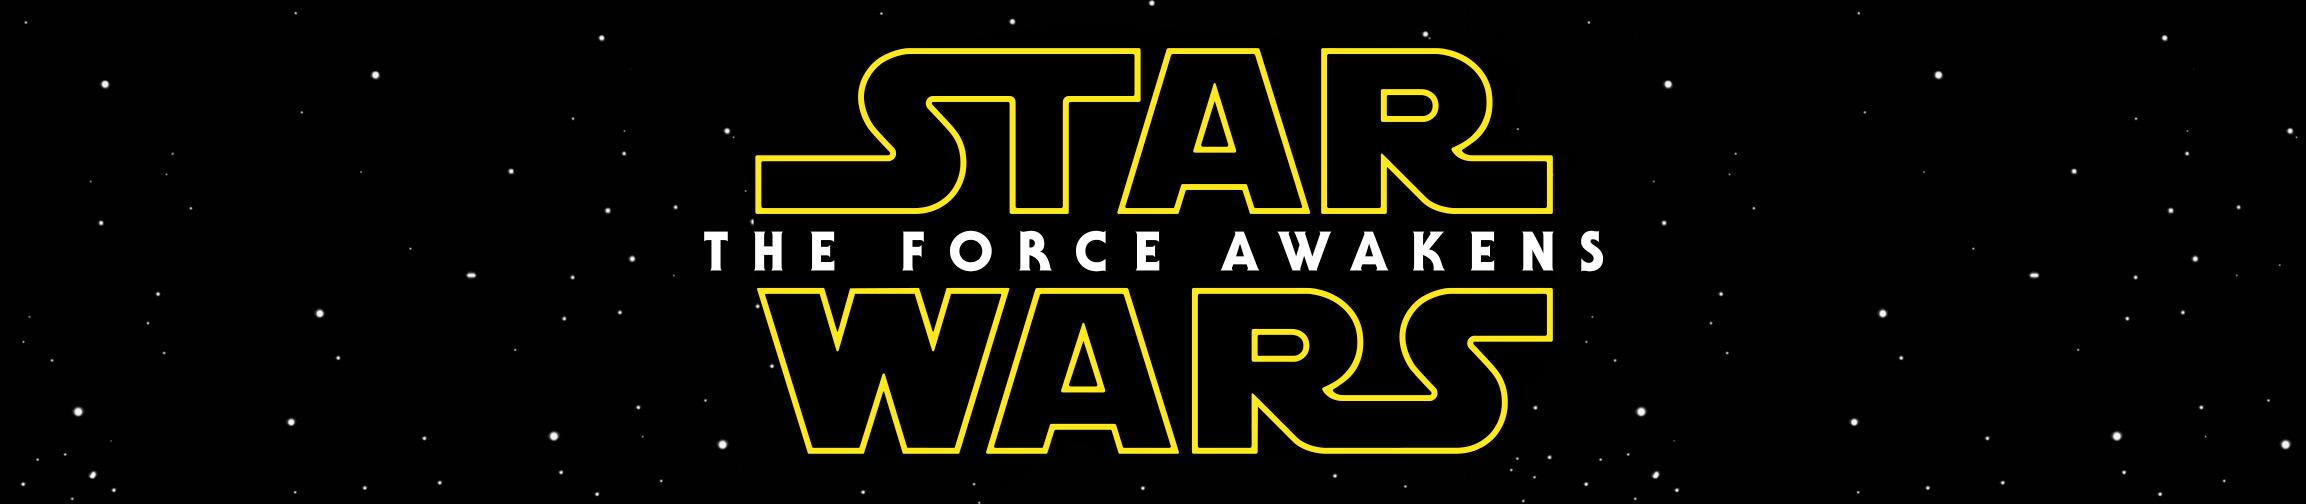 the force awakesn